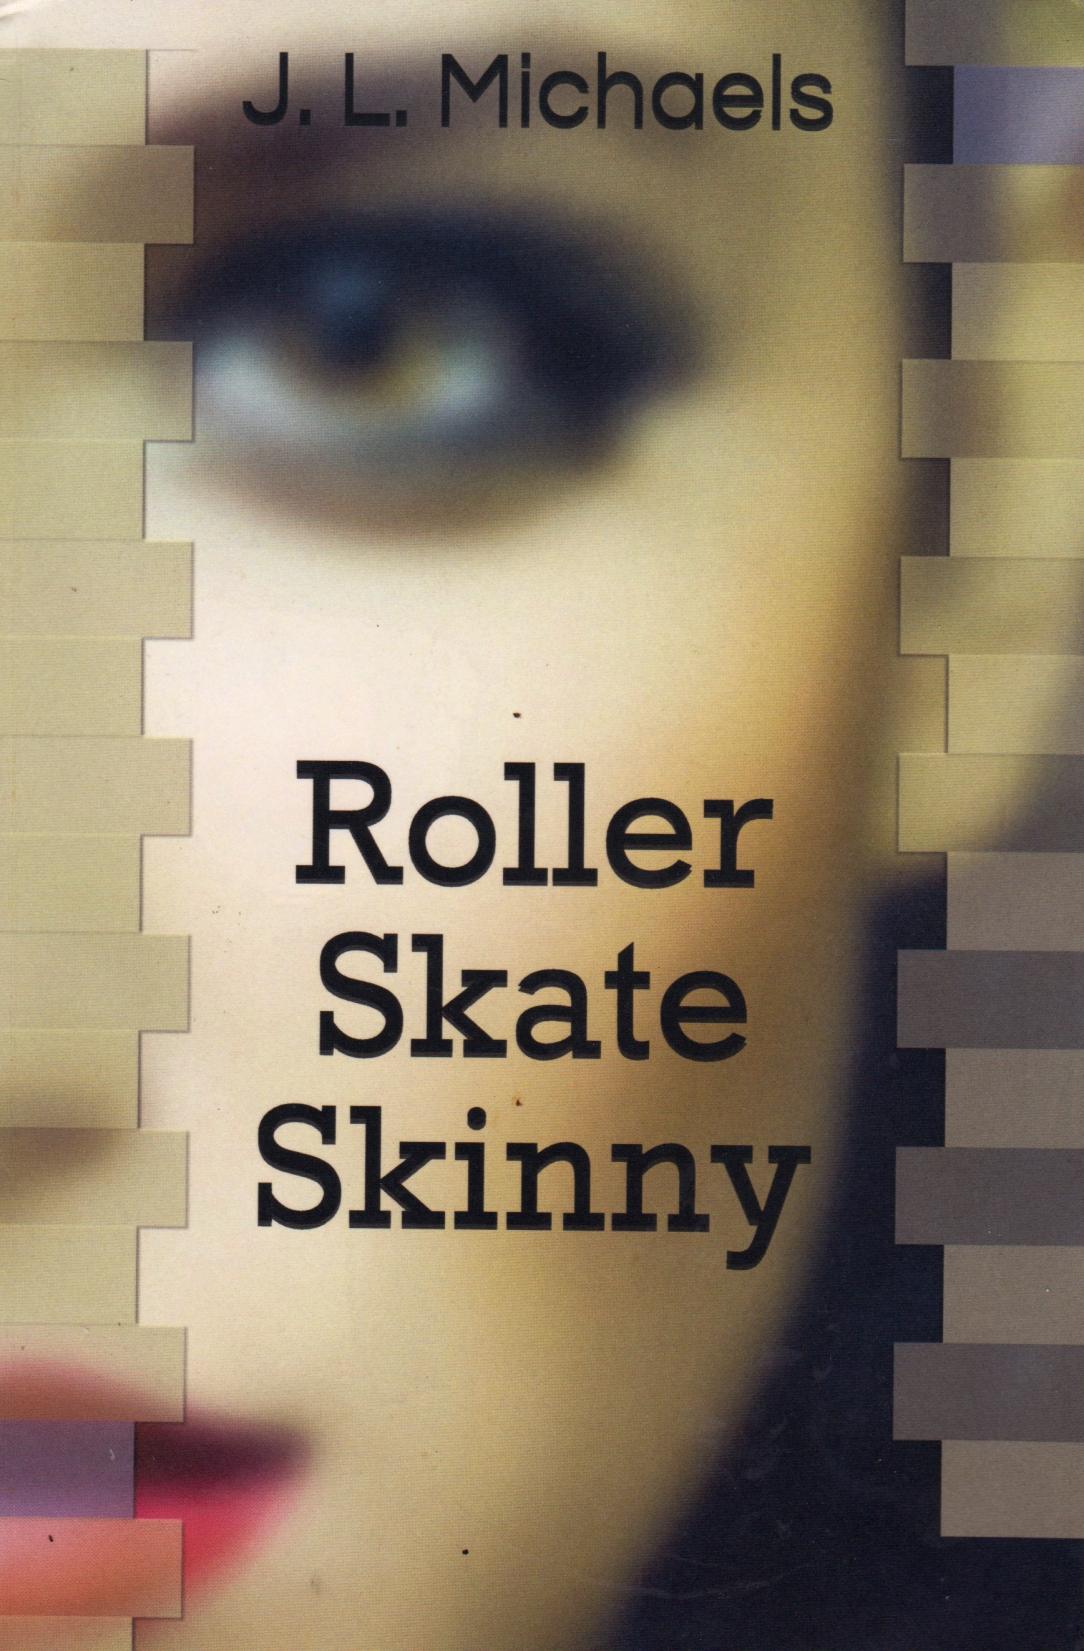 Roller Skate Skinny by J.L. Michaels